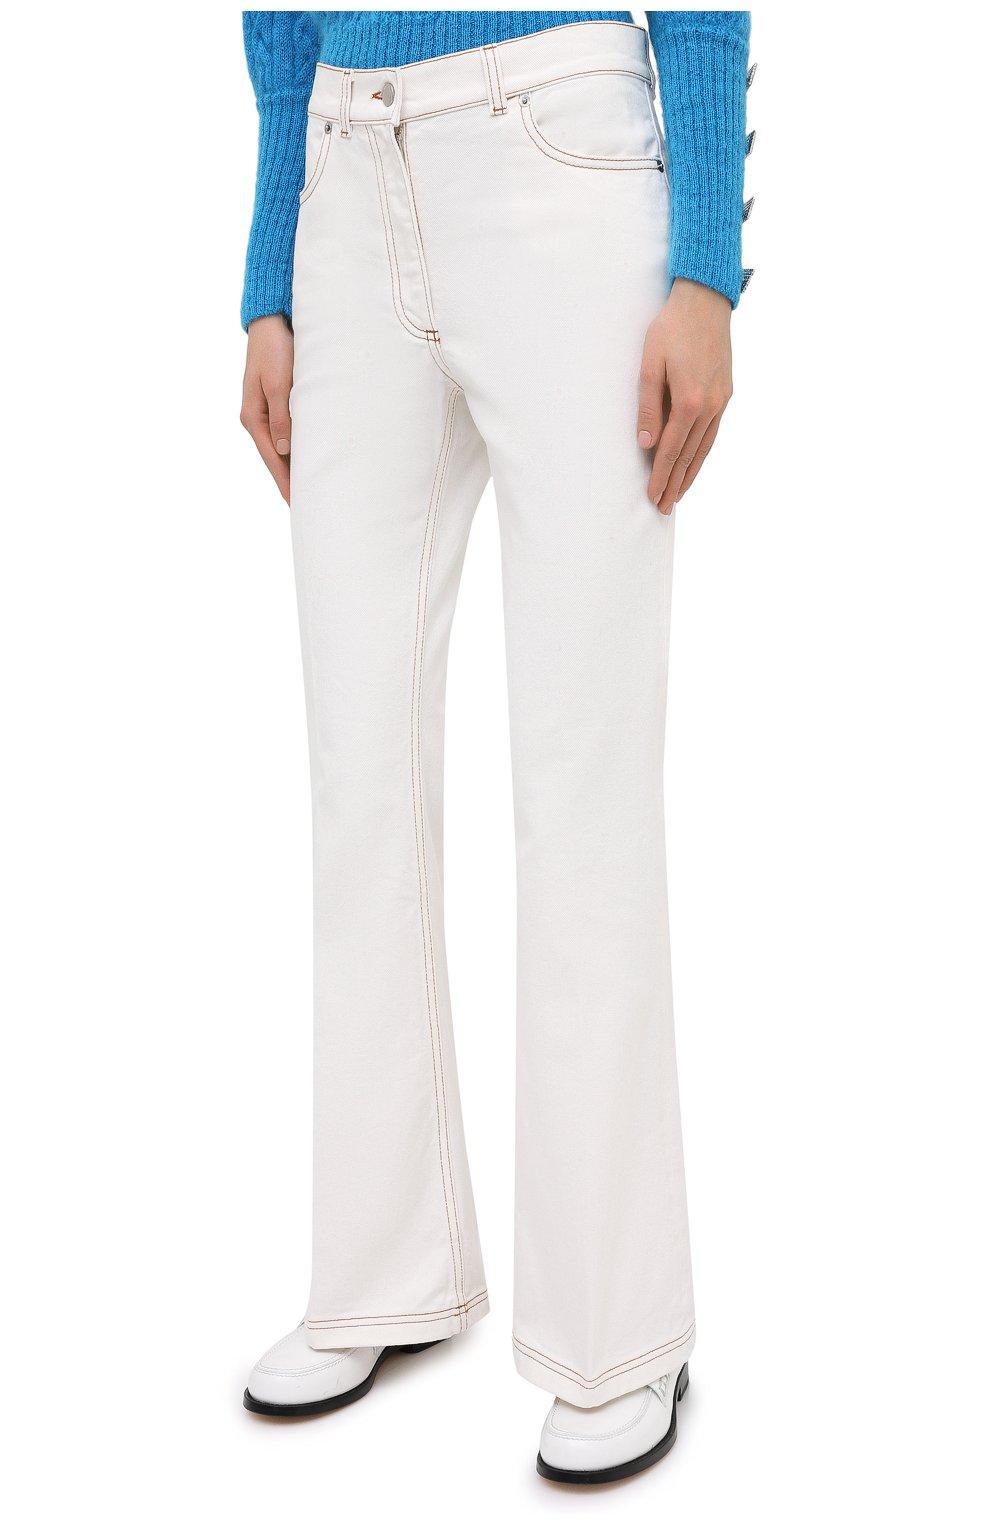 Женские джинсы JW ANDERSON белого цвета, арт. TR0105 PG0178   Фото 3 (Кросс-КТ: Деним; Длина (брюки, джинсы): Стандартные; Материал внешний: Хлопок; Стили: Классический)